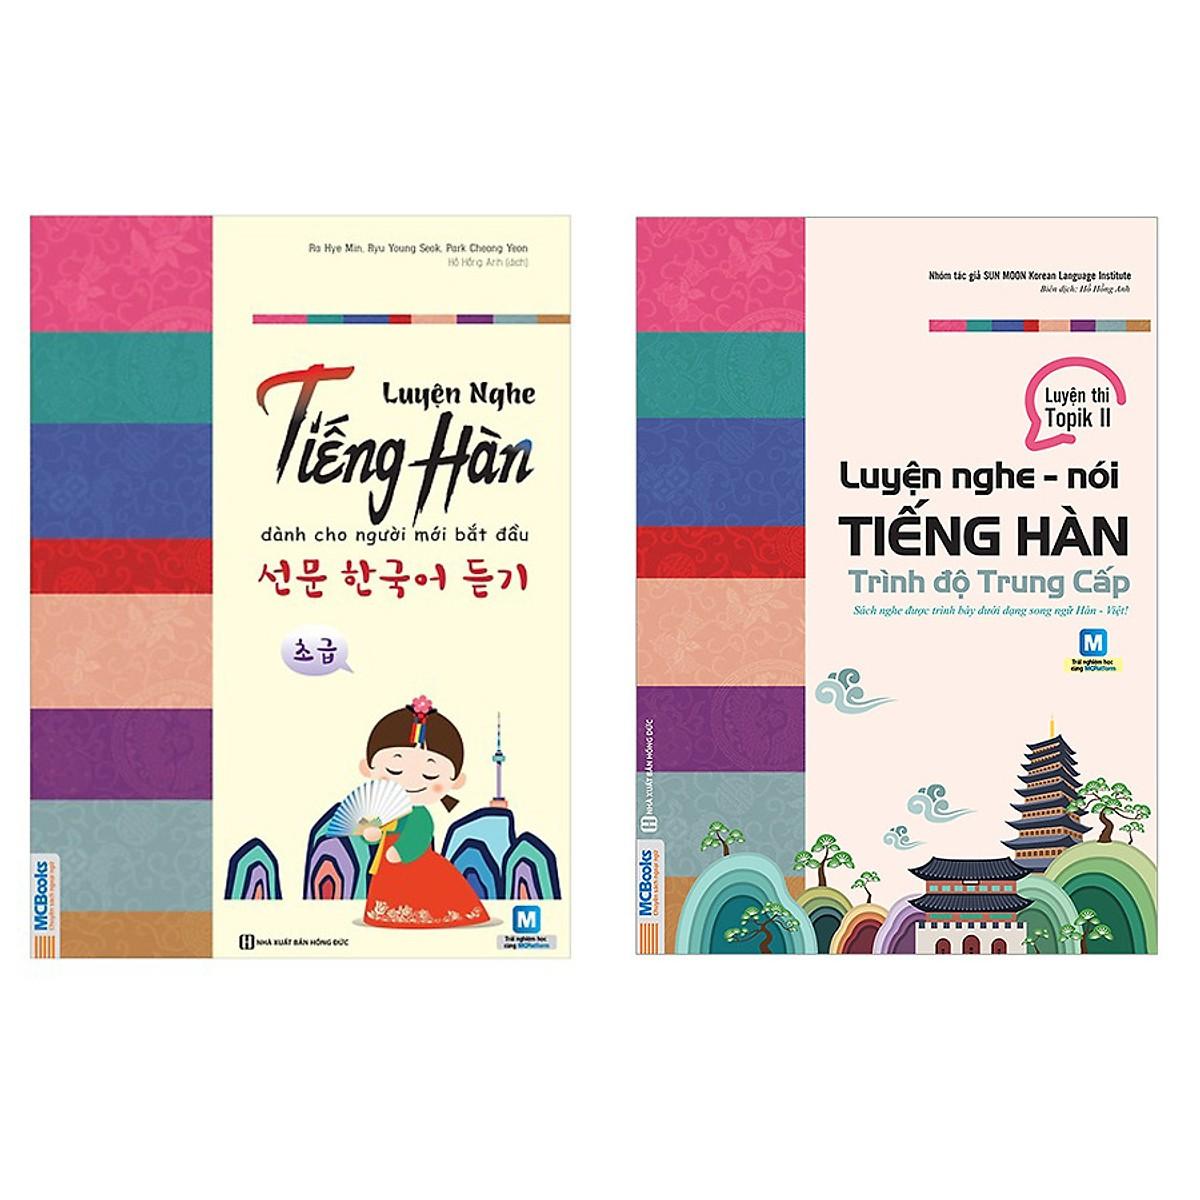 Combo Luyện Nghe Tiếng Hàn Dành Cho Người Mới Bắt Đầu và Trình Độ Trung Cấp